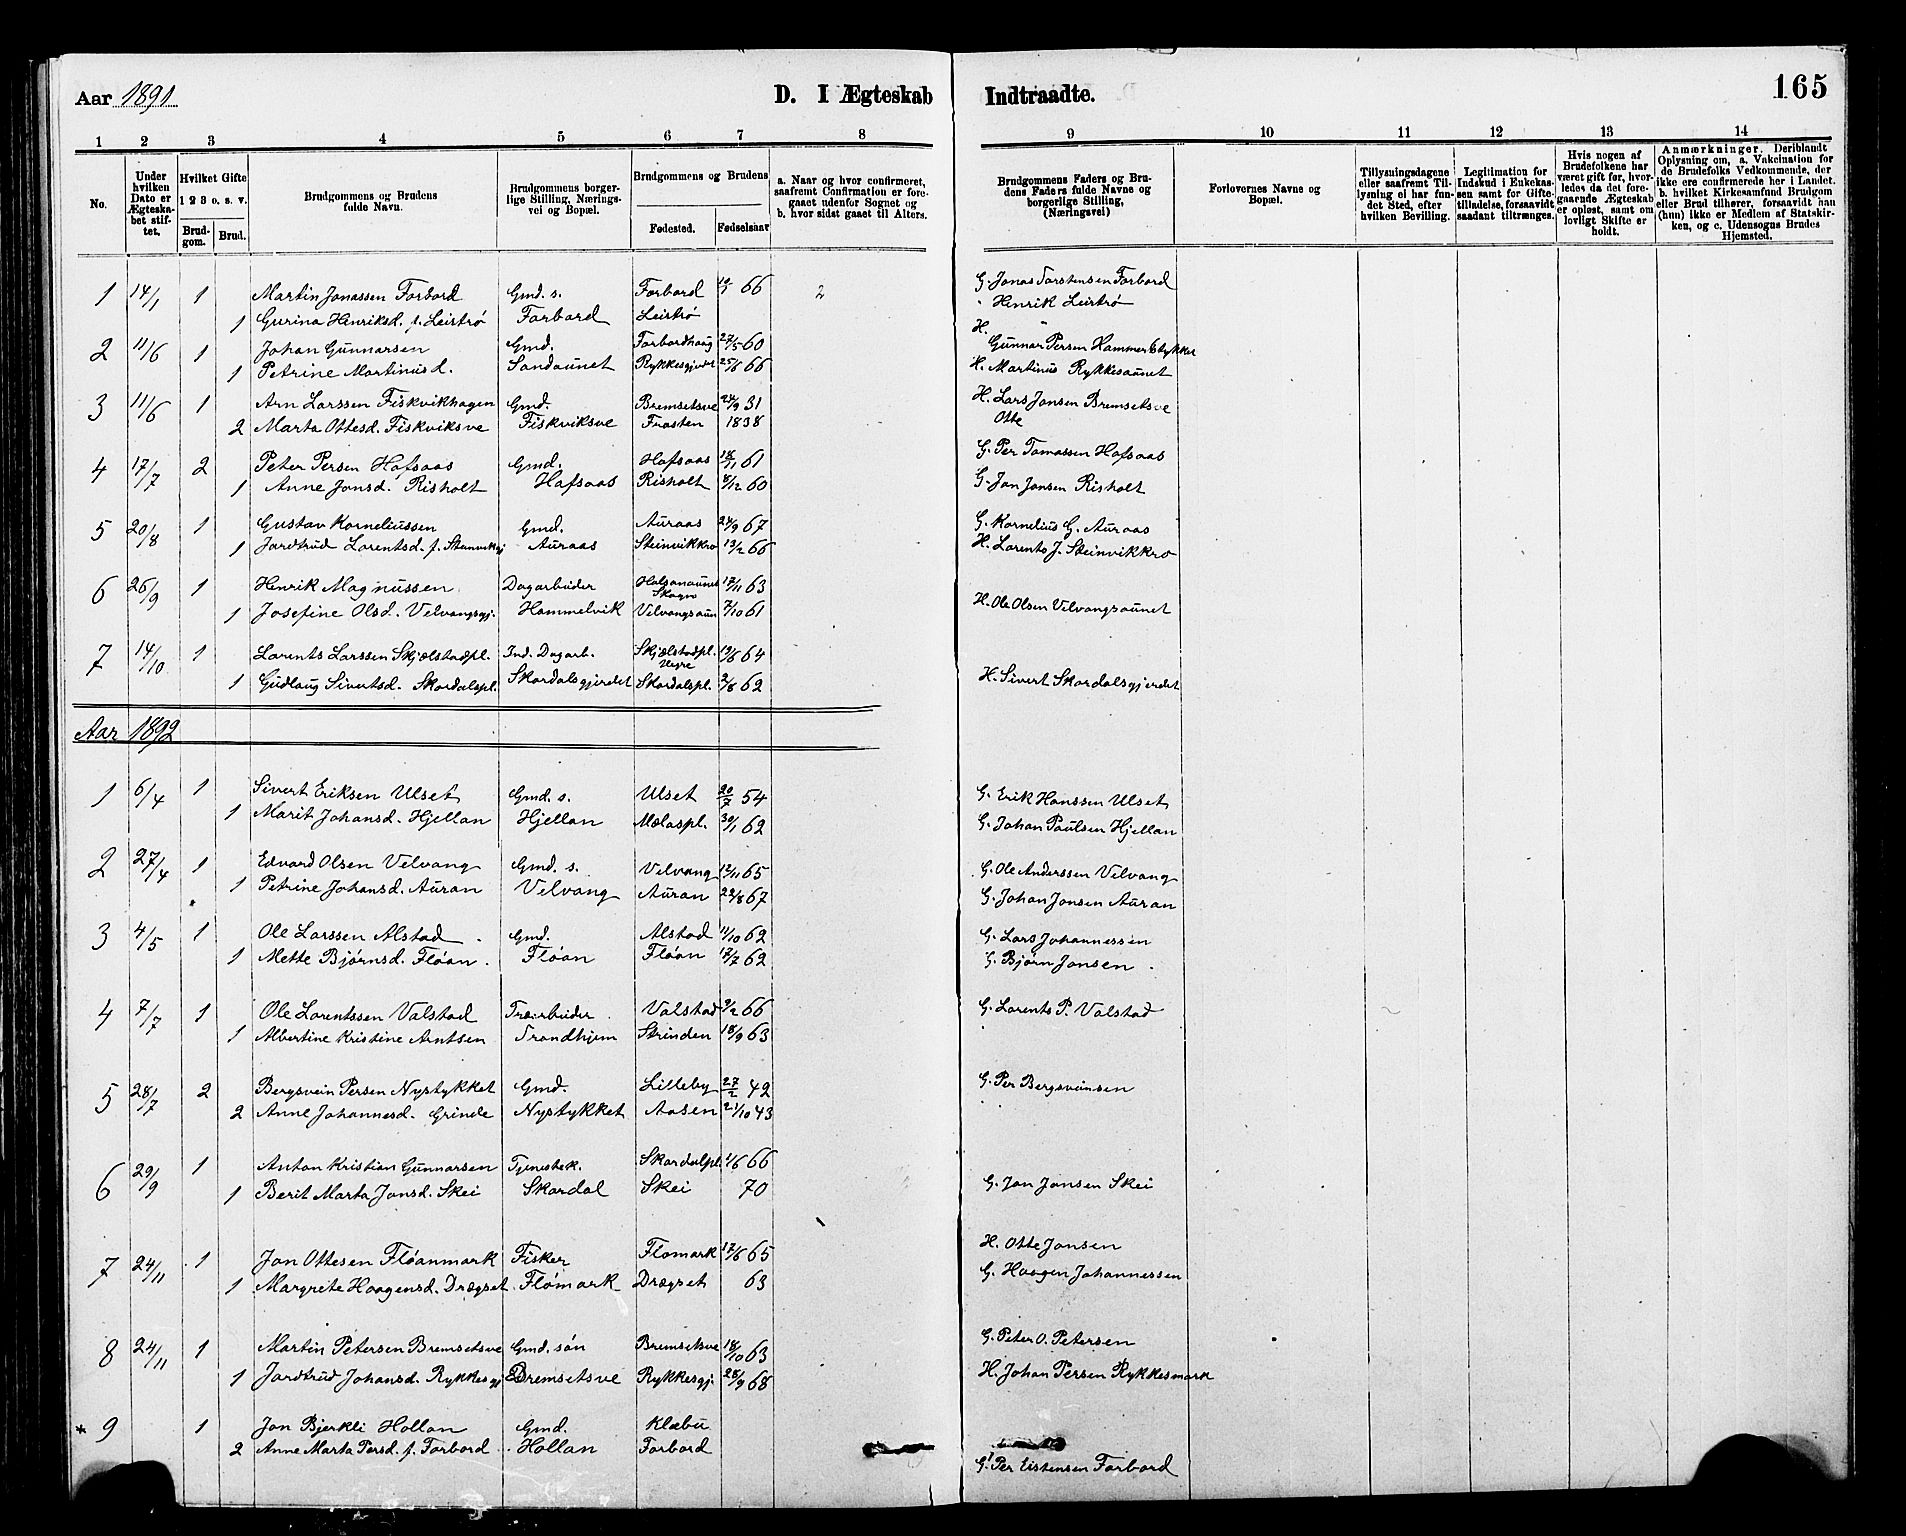 SAT, Ministerialprotokoller, klokkerbøker og fødselsregistre - Nord-Trøndelag, 712/L0103: Klokkerbok nr. 712C01, 1878-1917, s. 165